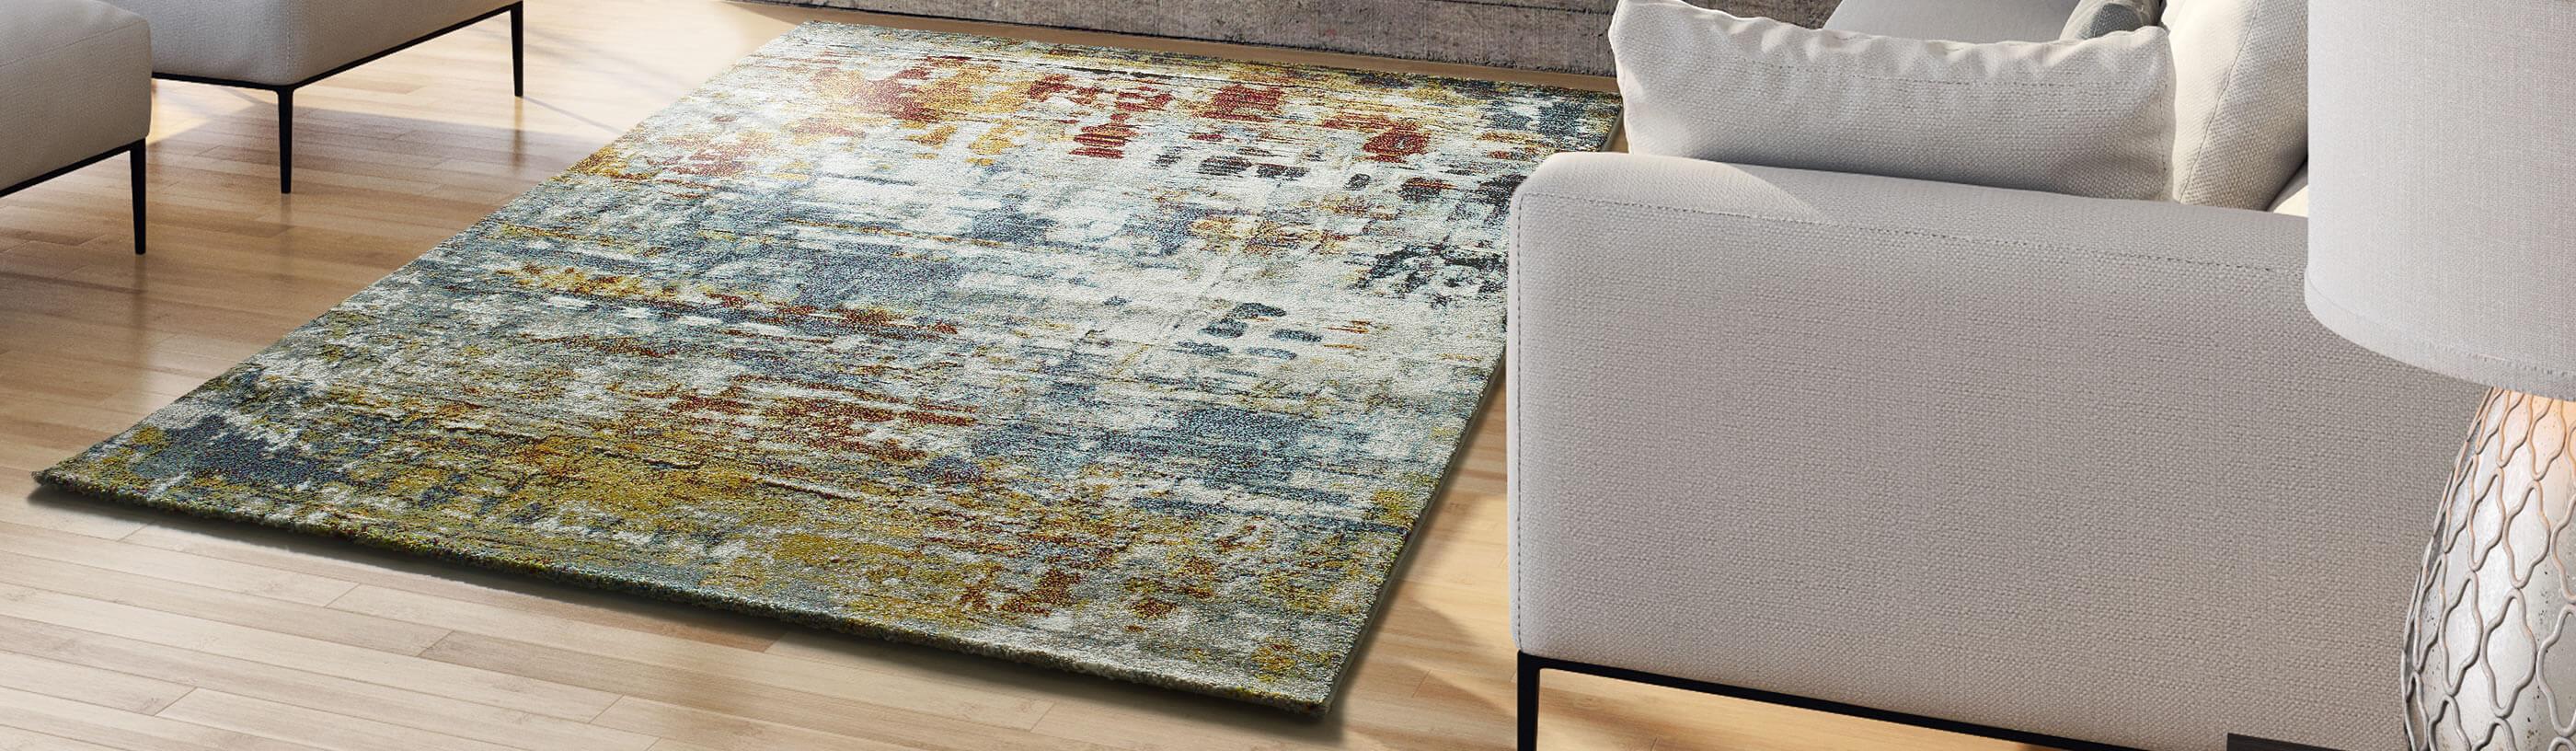 Tamaños de alfombras para el salón y comedor